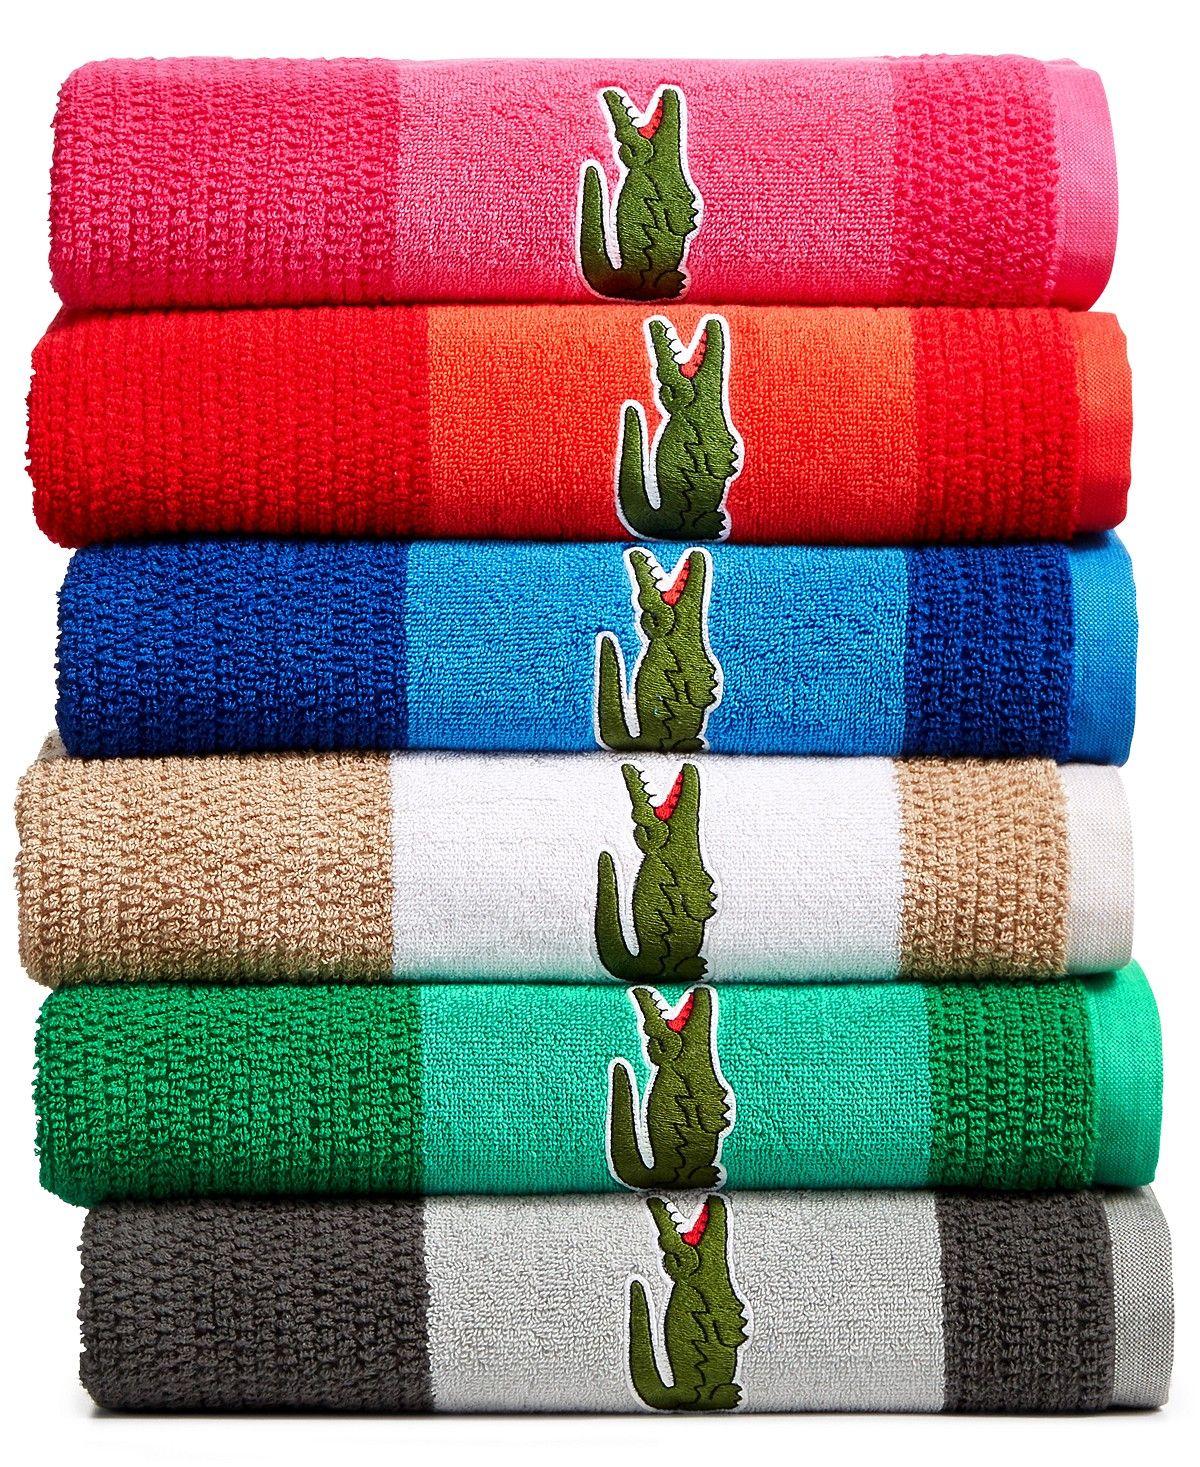 Lacoste Match Cotton Colorblocked Bath Towel Reviews Bath Towels Bed Bath Macy S Bath Towels Blue Towels Towel